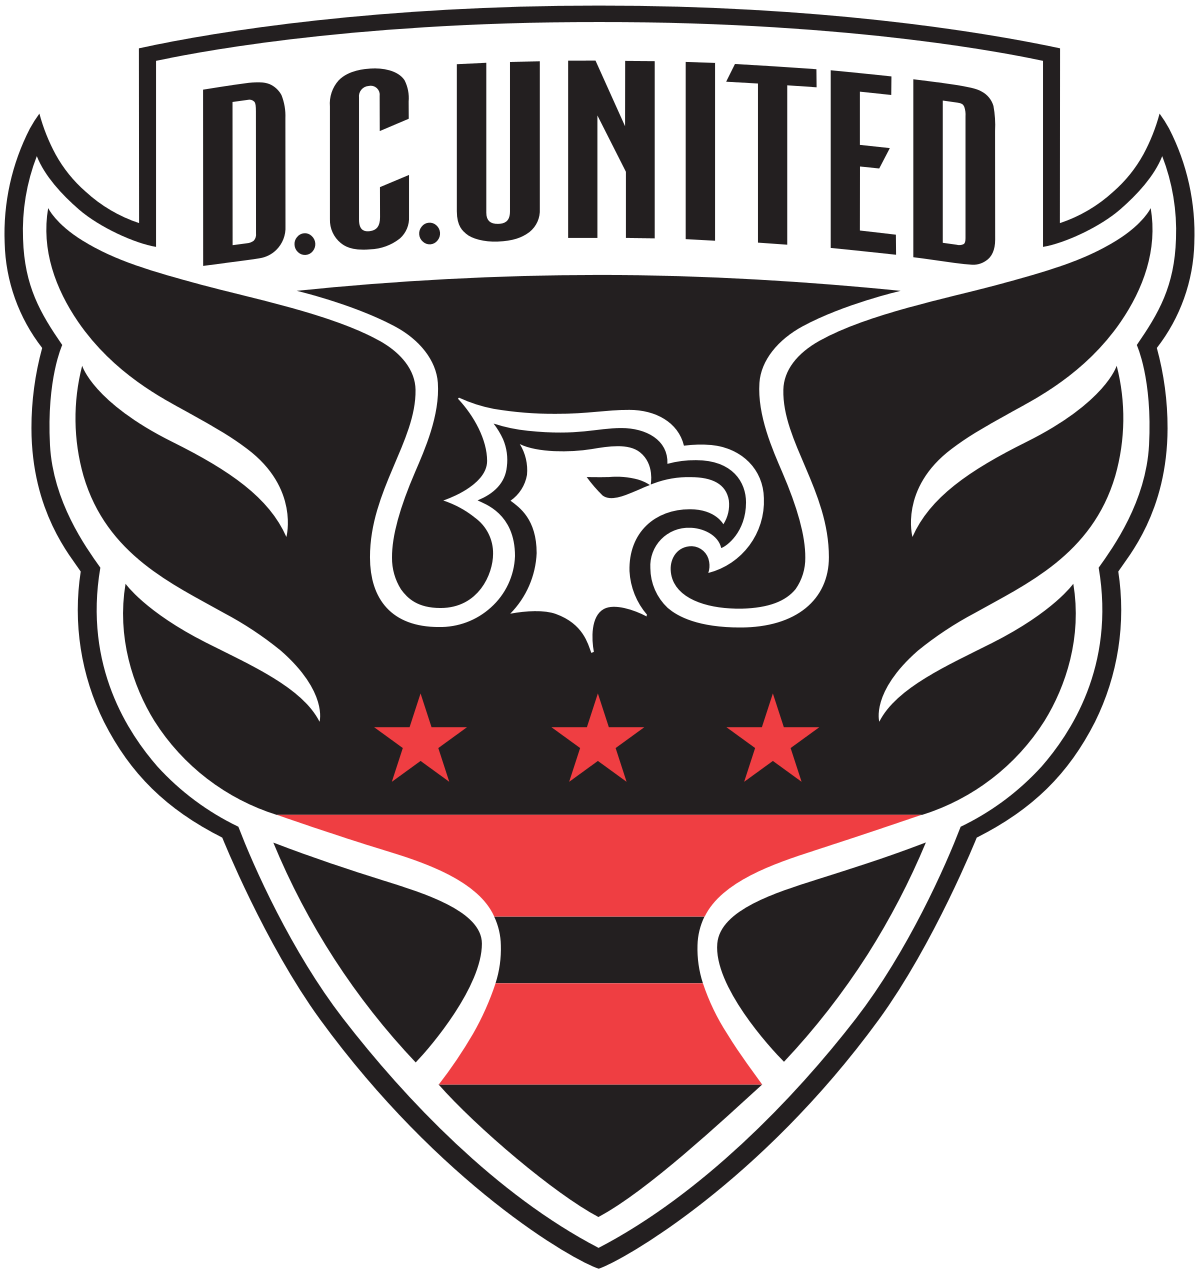 dc united logo.png